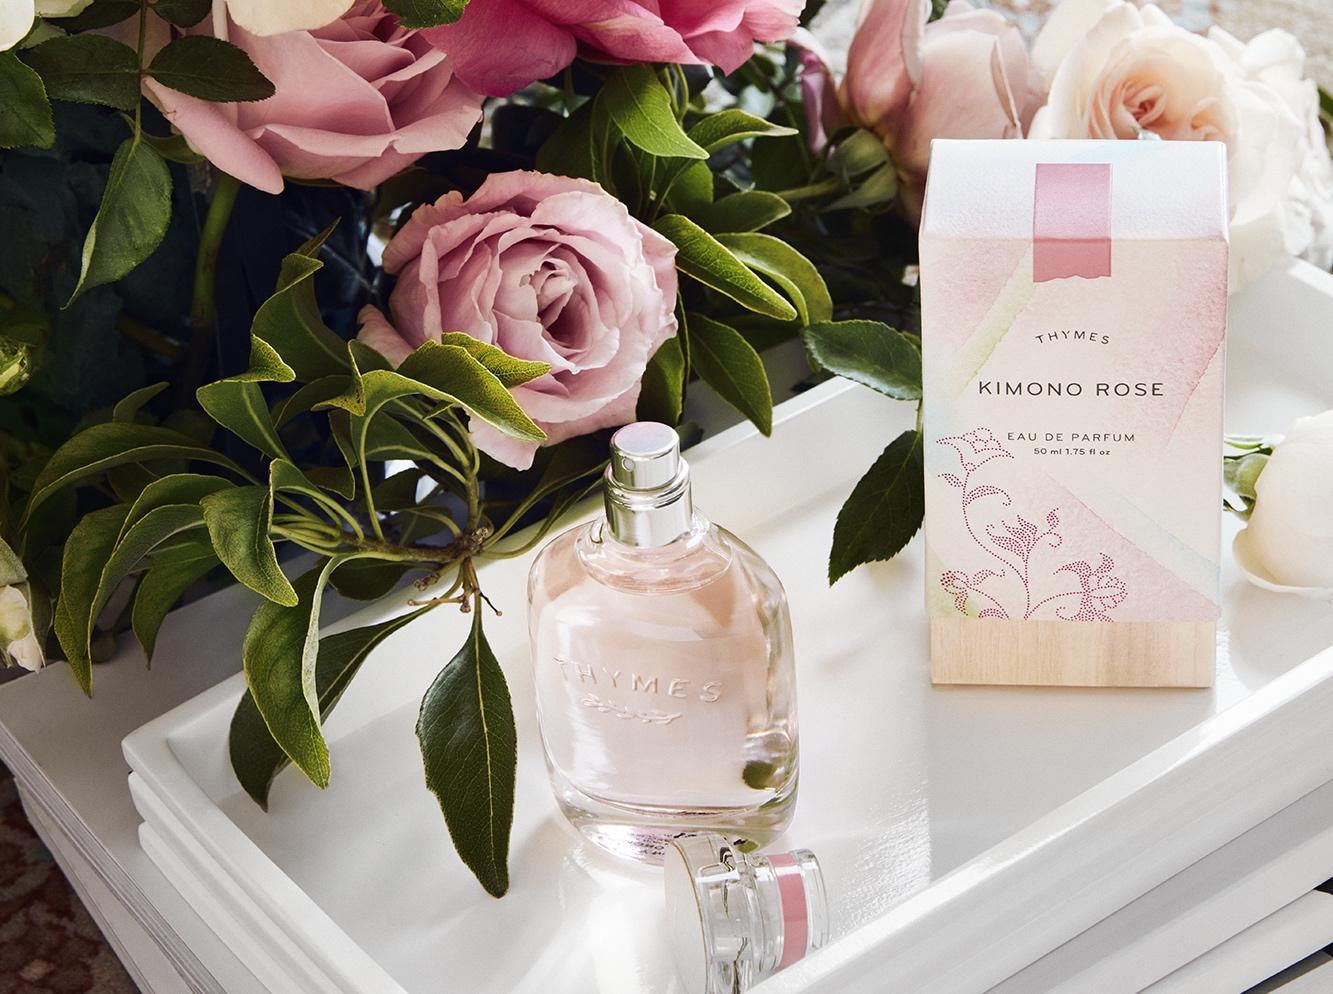 kimono-rose-eau-de-parfum.jpg